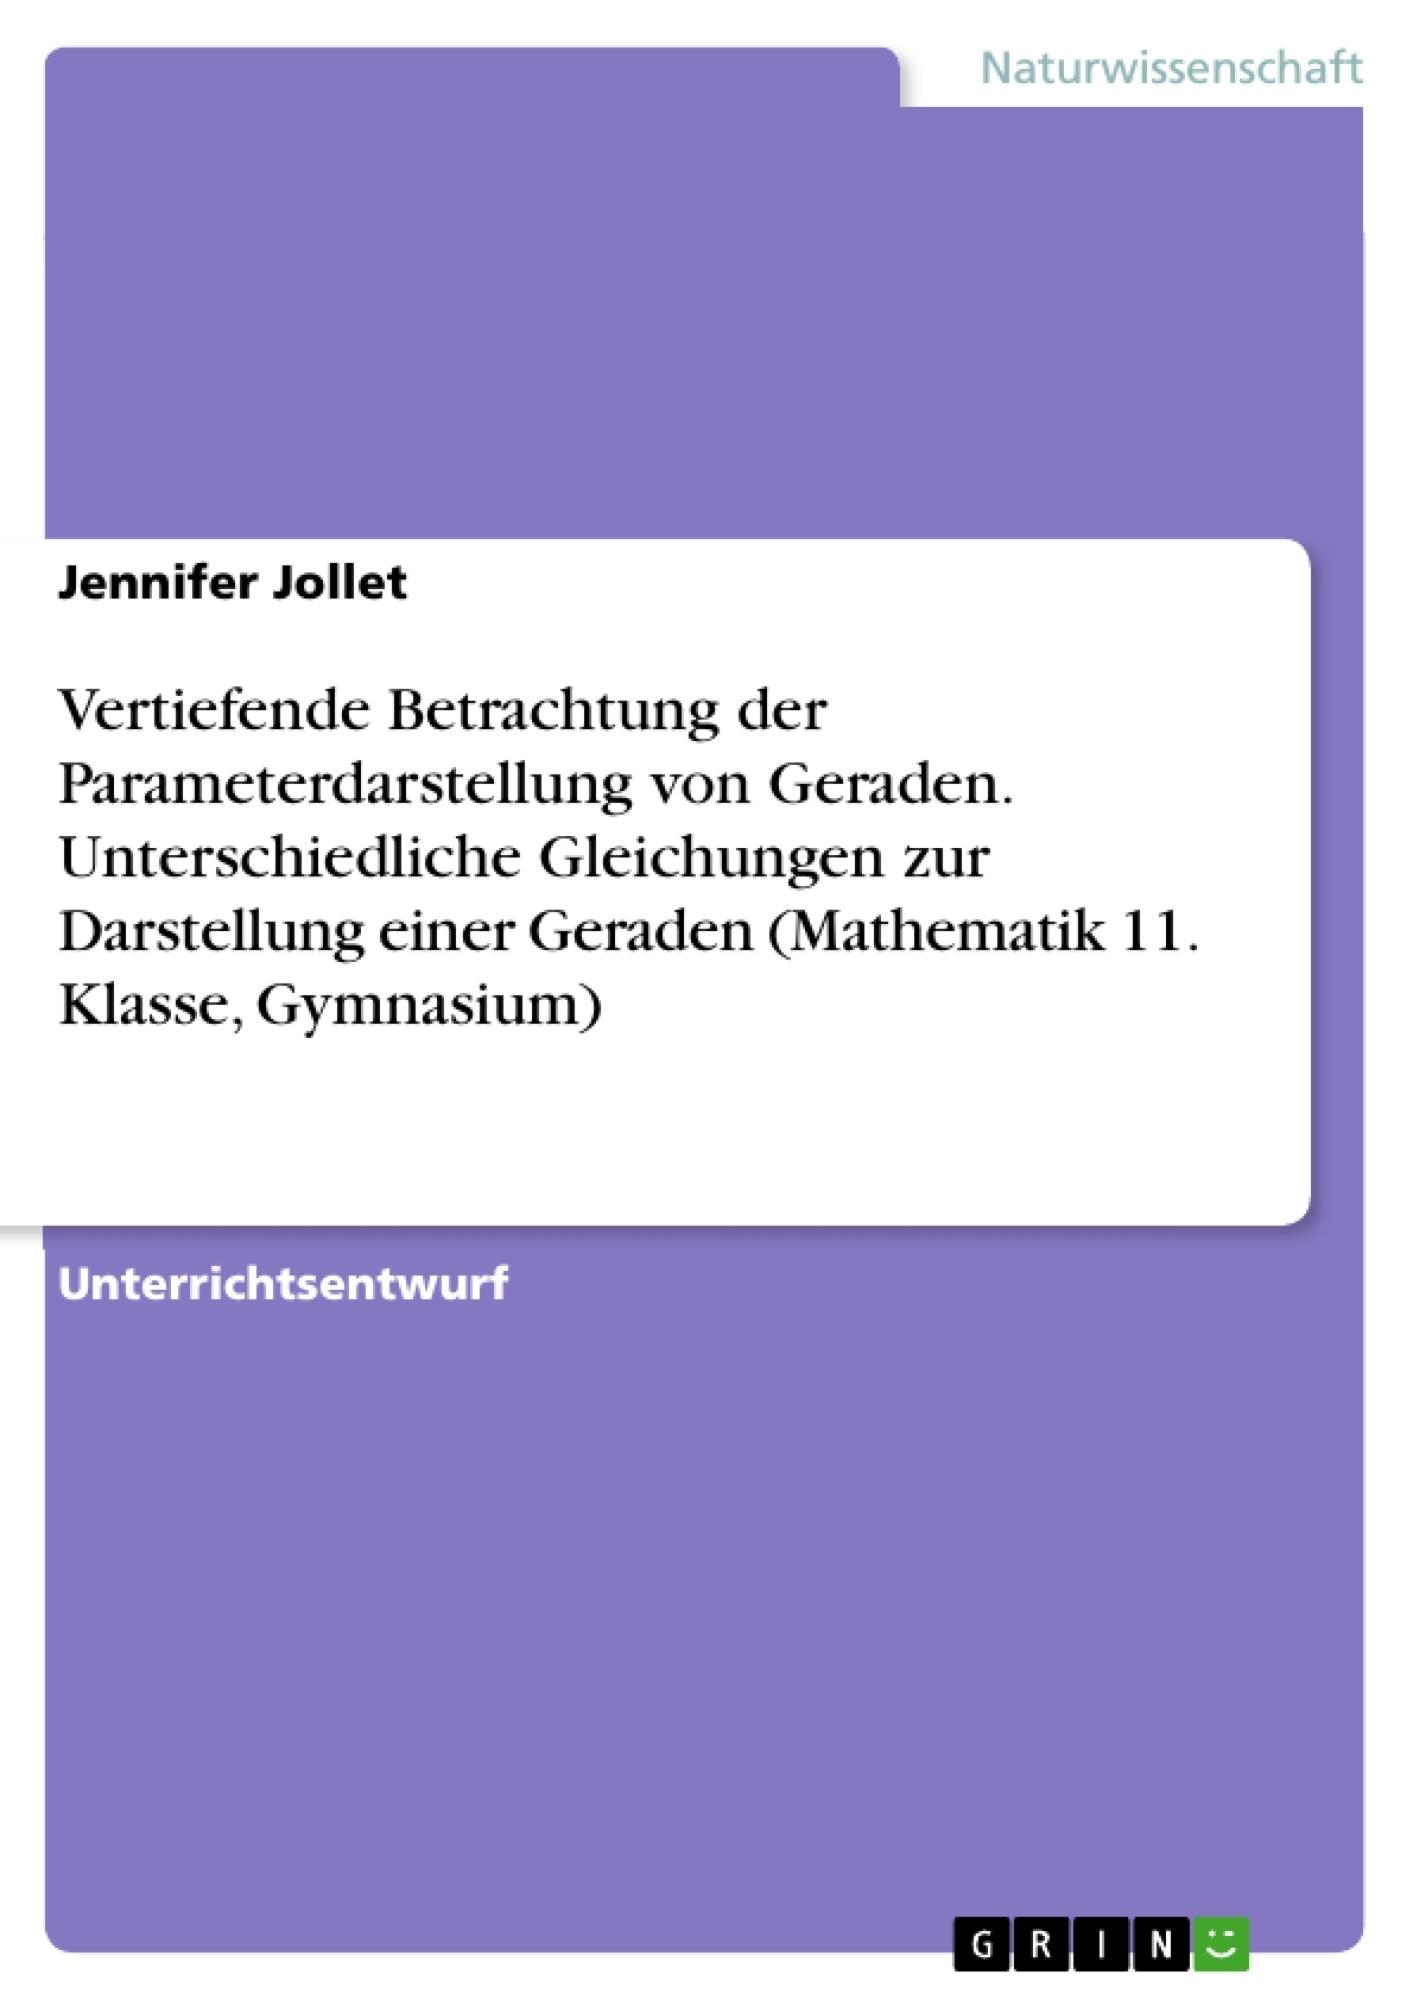 Titel: Vertiefende Betrachtung der Parameterdarstellung von Geraden. Unterschiedliche Gleichungen zur Darstellung einer Geraden (Mathematik 11. Klasse, Gymnasium)